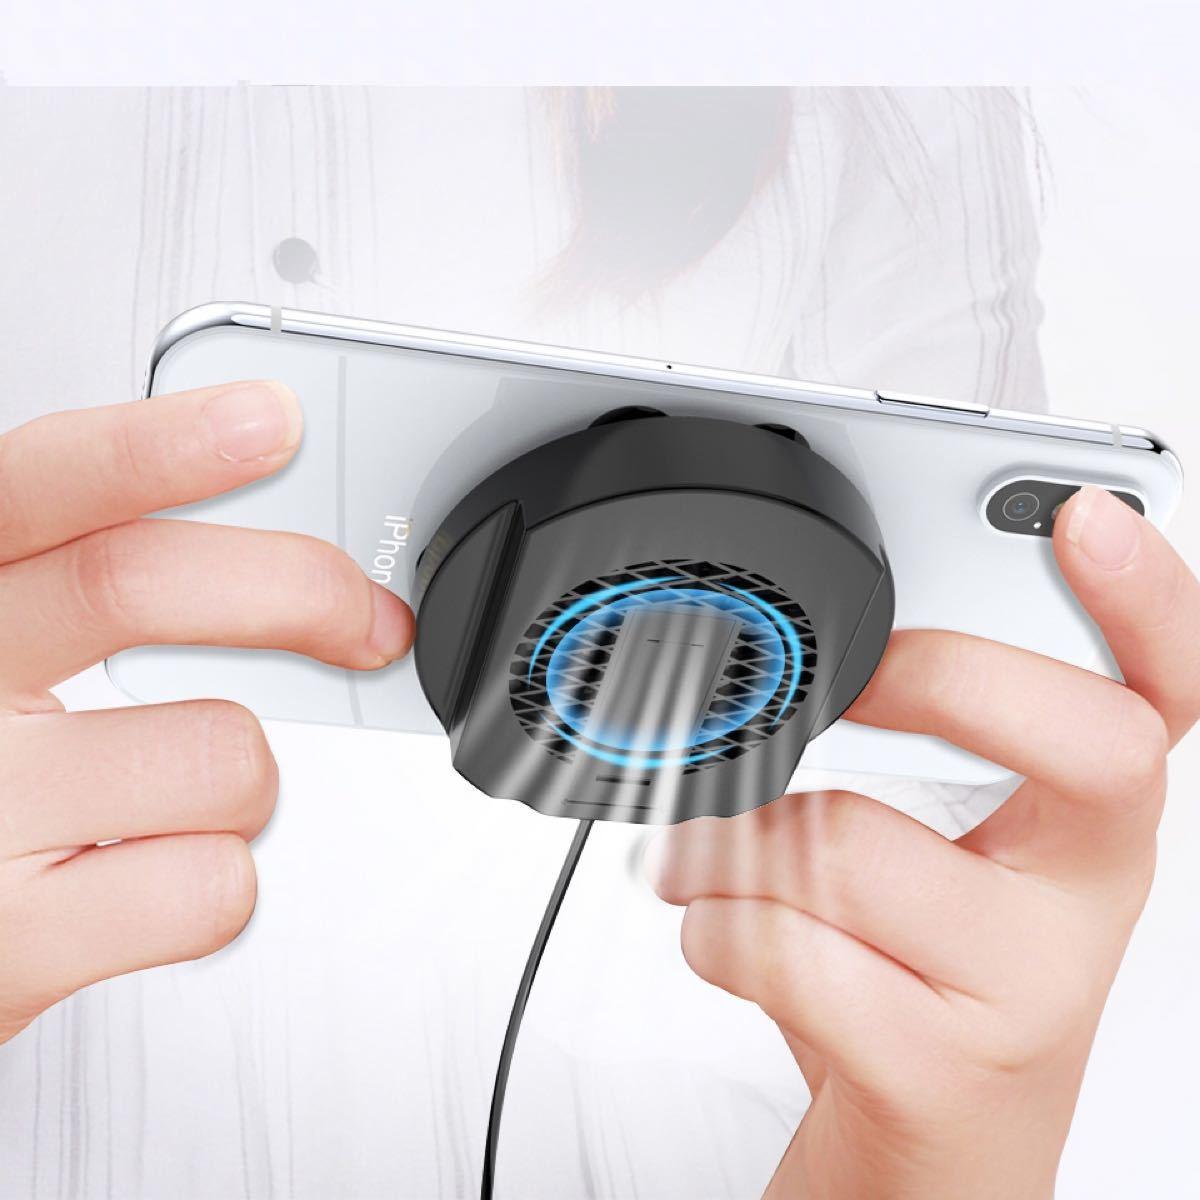 冷却スマートフォンクーラーファン荒野行動発熱防止PUBG ノートパソコン吸盤式